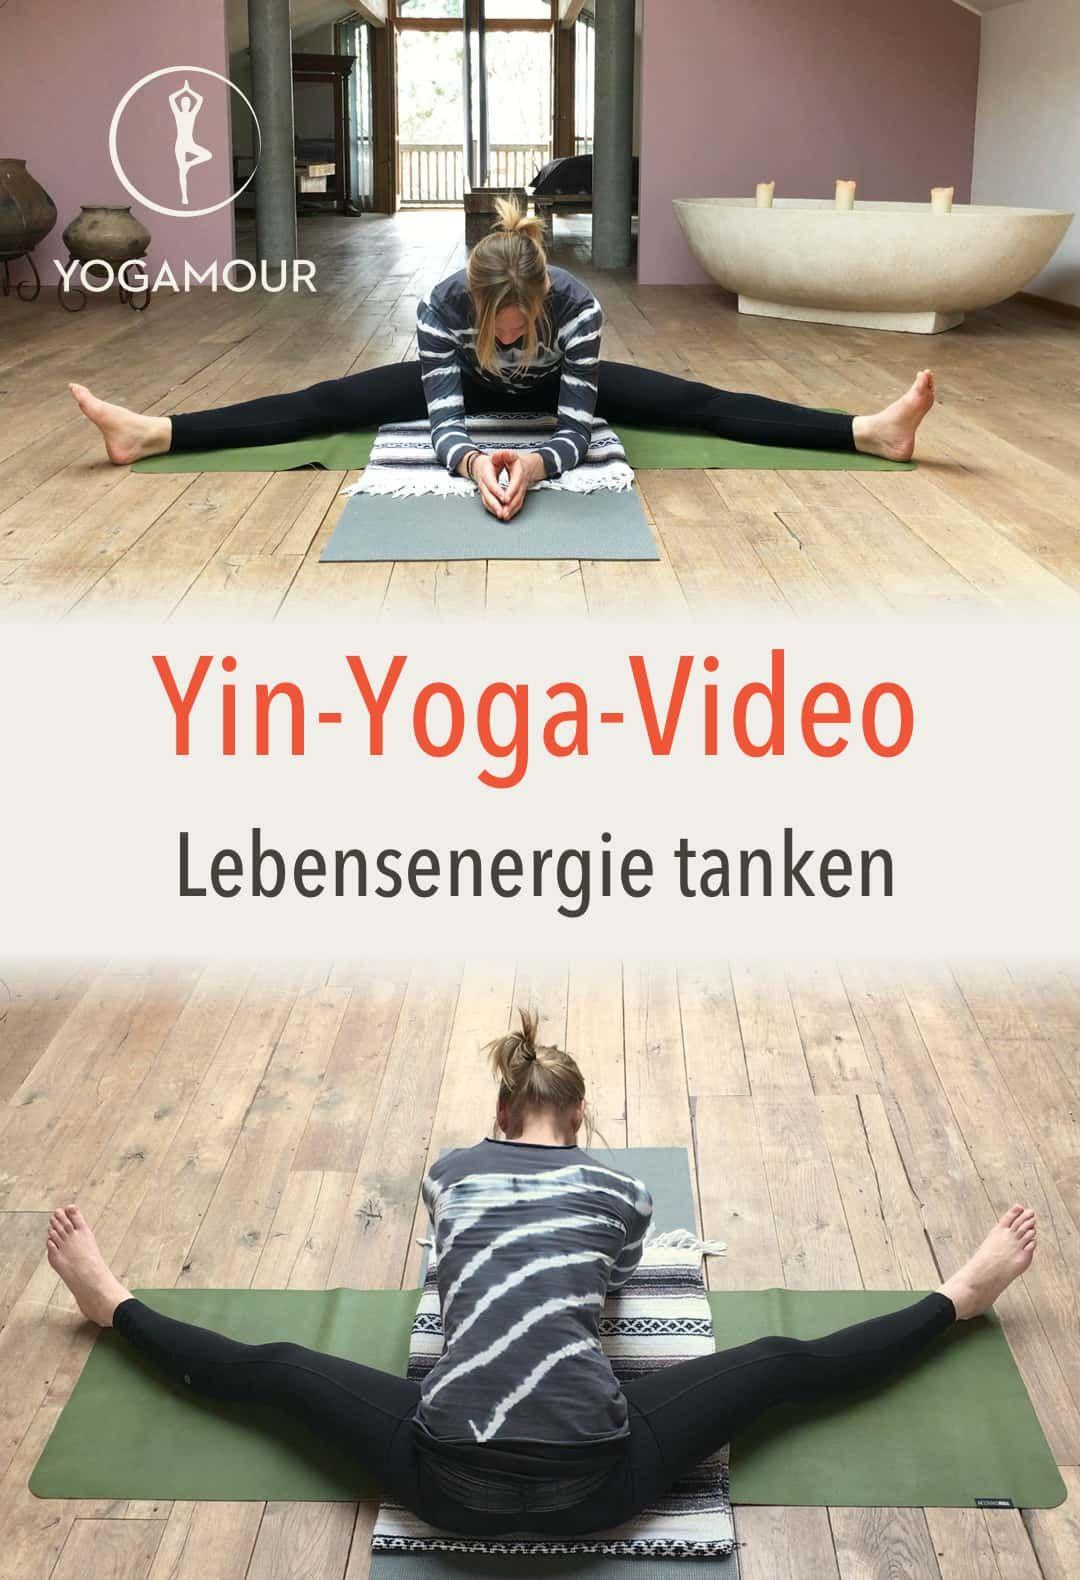 Mit Yin Yoga Lebensenergie tanken Speicher auffüllen Die gute Nachricht Wir sind quasi unsere eigene LebensenergieTankstelle Prana chi life force wie auch immer dies...